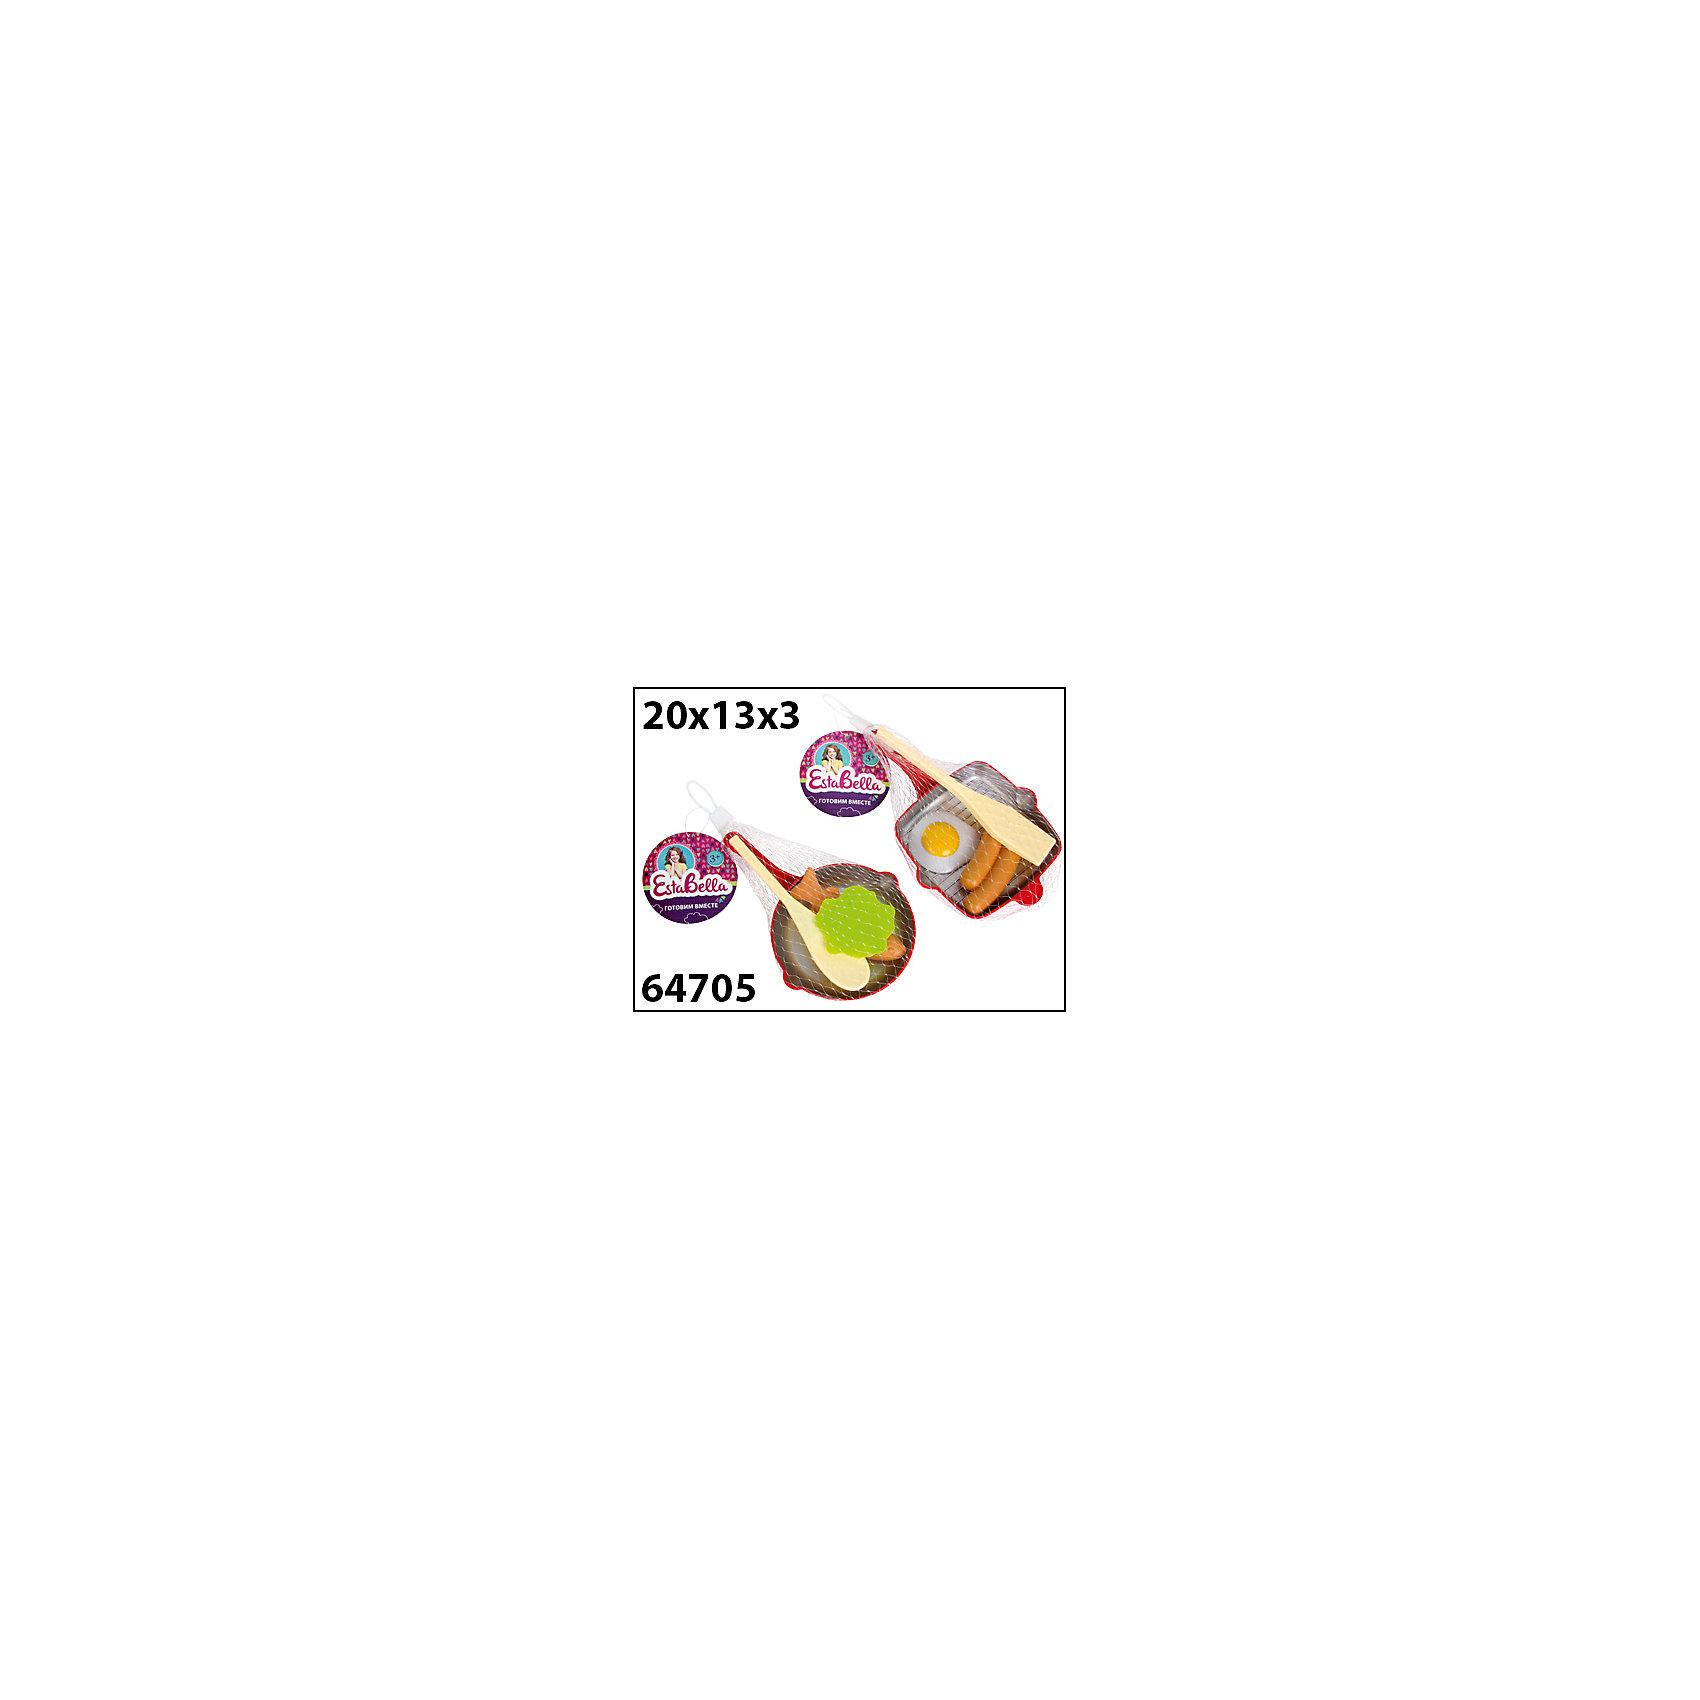 Набор Сковородка с продуктами и лопаткой 2, EstaBellaНабор Сковородка с продуктами и лопаткой 2, EstaBella (Эстабелла).<br><br>Характеристики:<br><br>• все предметы очень реалистичны<br>• набор безопасен для ребенка<br>• в комплекте: сковорода, лопатка, муляжи продуктов<br>• материал: пластик<br>• размер упаковки: 13х3х20 см<br>• вес: 290 грамм<br><br>Сковородка с продуктами и лопаткой научит девочку готовить вкусную еду для своих игрушек. Все продукты очень реалистичны, благодаря чему процесс готовки будет очень похож на настоящий. Лопатка поможет ребенку переворачивать или перемешивать еду. С этим набором ребенок почувствует себя настоящим шеф-поваром!<br><br>Набор Сковородка с продуктами и лопаткой 2, EstaBella (Эстабелла) вы можете купить в нашем интернет-магазине.<br><br>Ширина мм: 200<br>Глубина мм: 30<br>Высота мм: 130<br>Вес г: 290<br>Возраст от месяцев: 36<br>Возраст до месяцев: 120<br>Пол: Женский<br>Возраст: Детский<br>SKU: 5017675